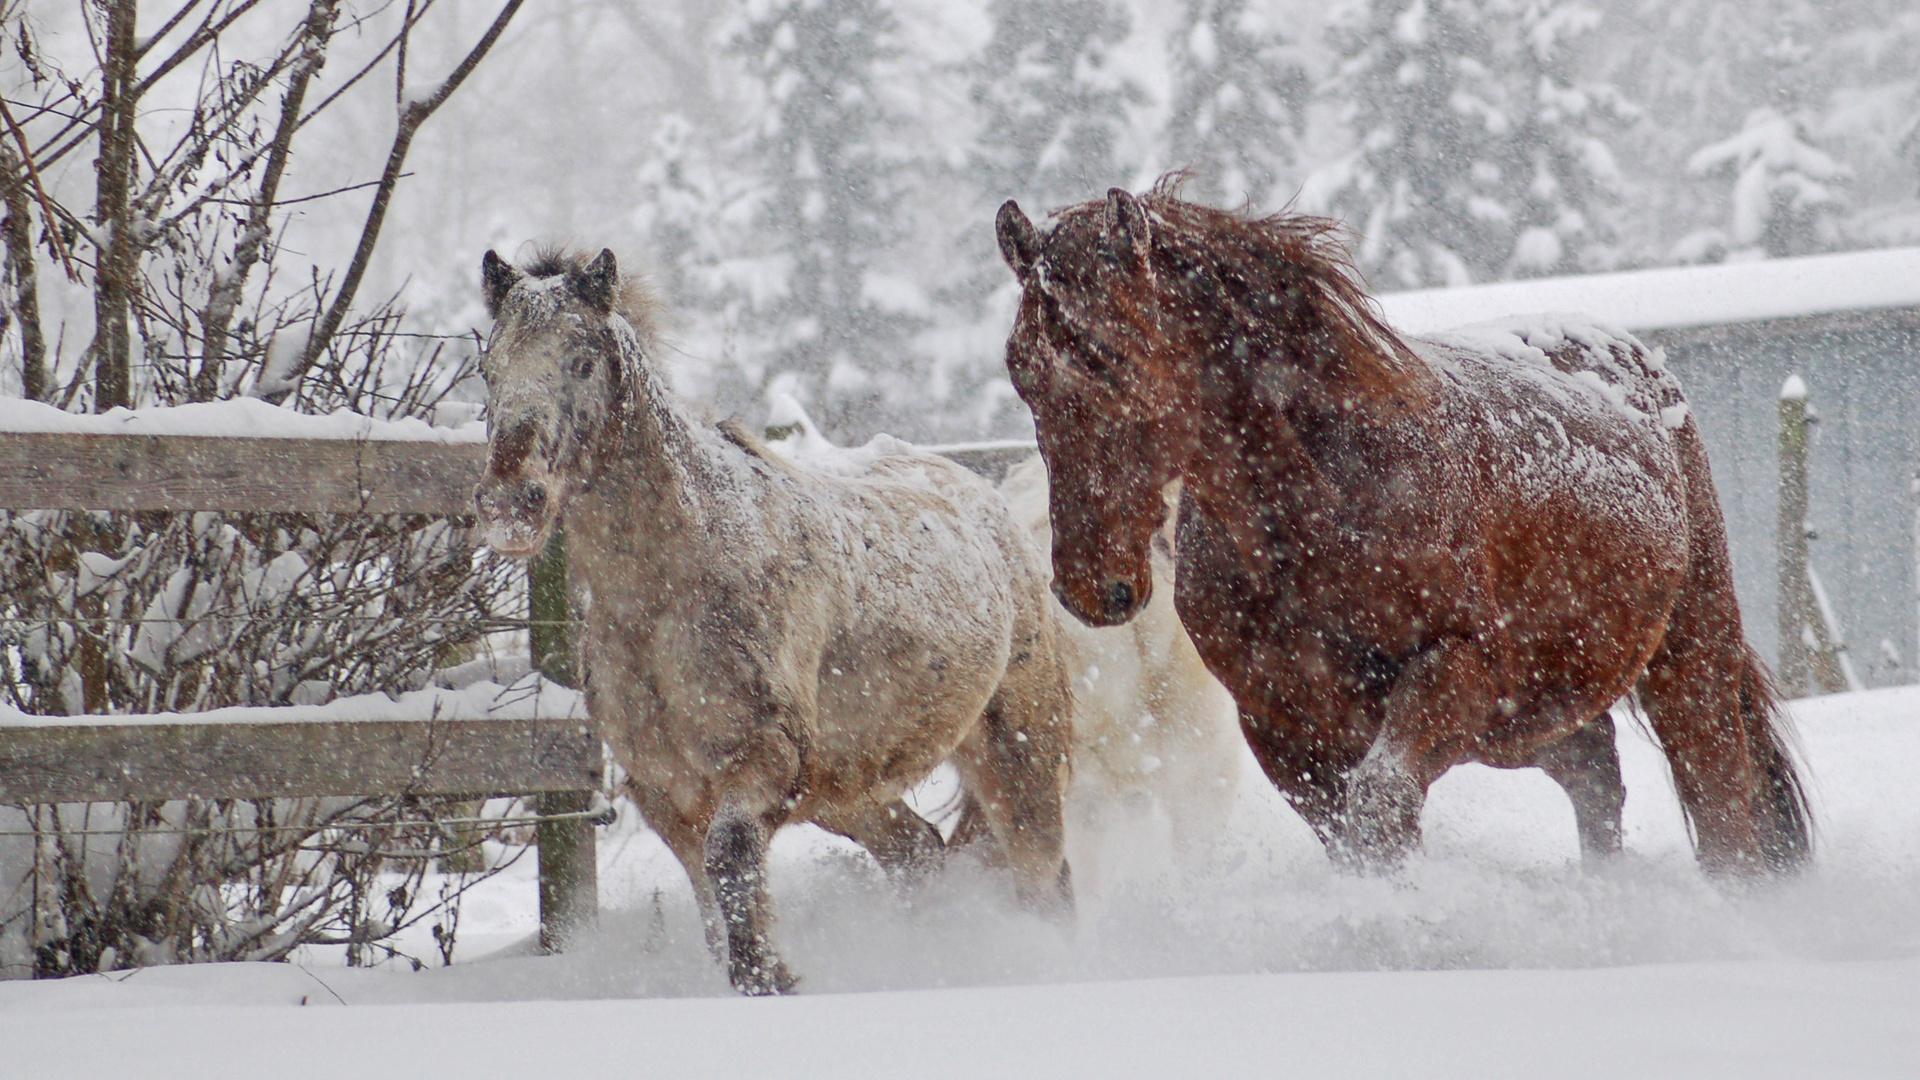 pferde im schnee foto bild jahreszeiten winter natur bilder auf fotocommunity. Black Bedroom Furniture Sets. Home Design Ideas